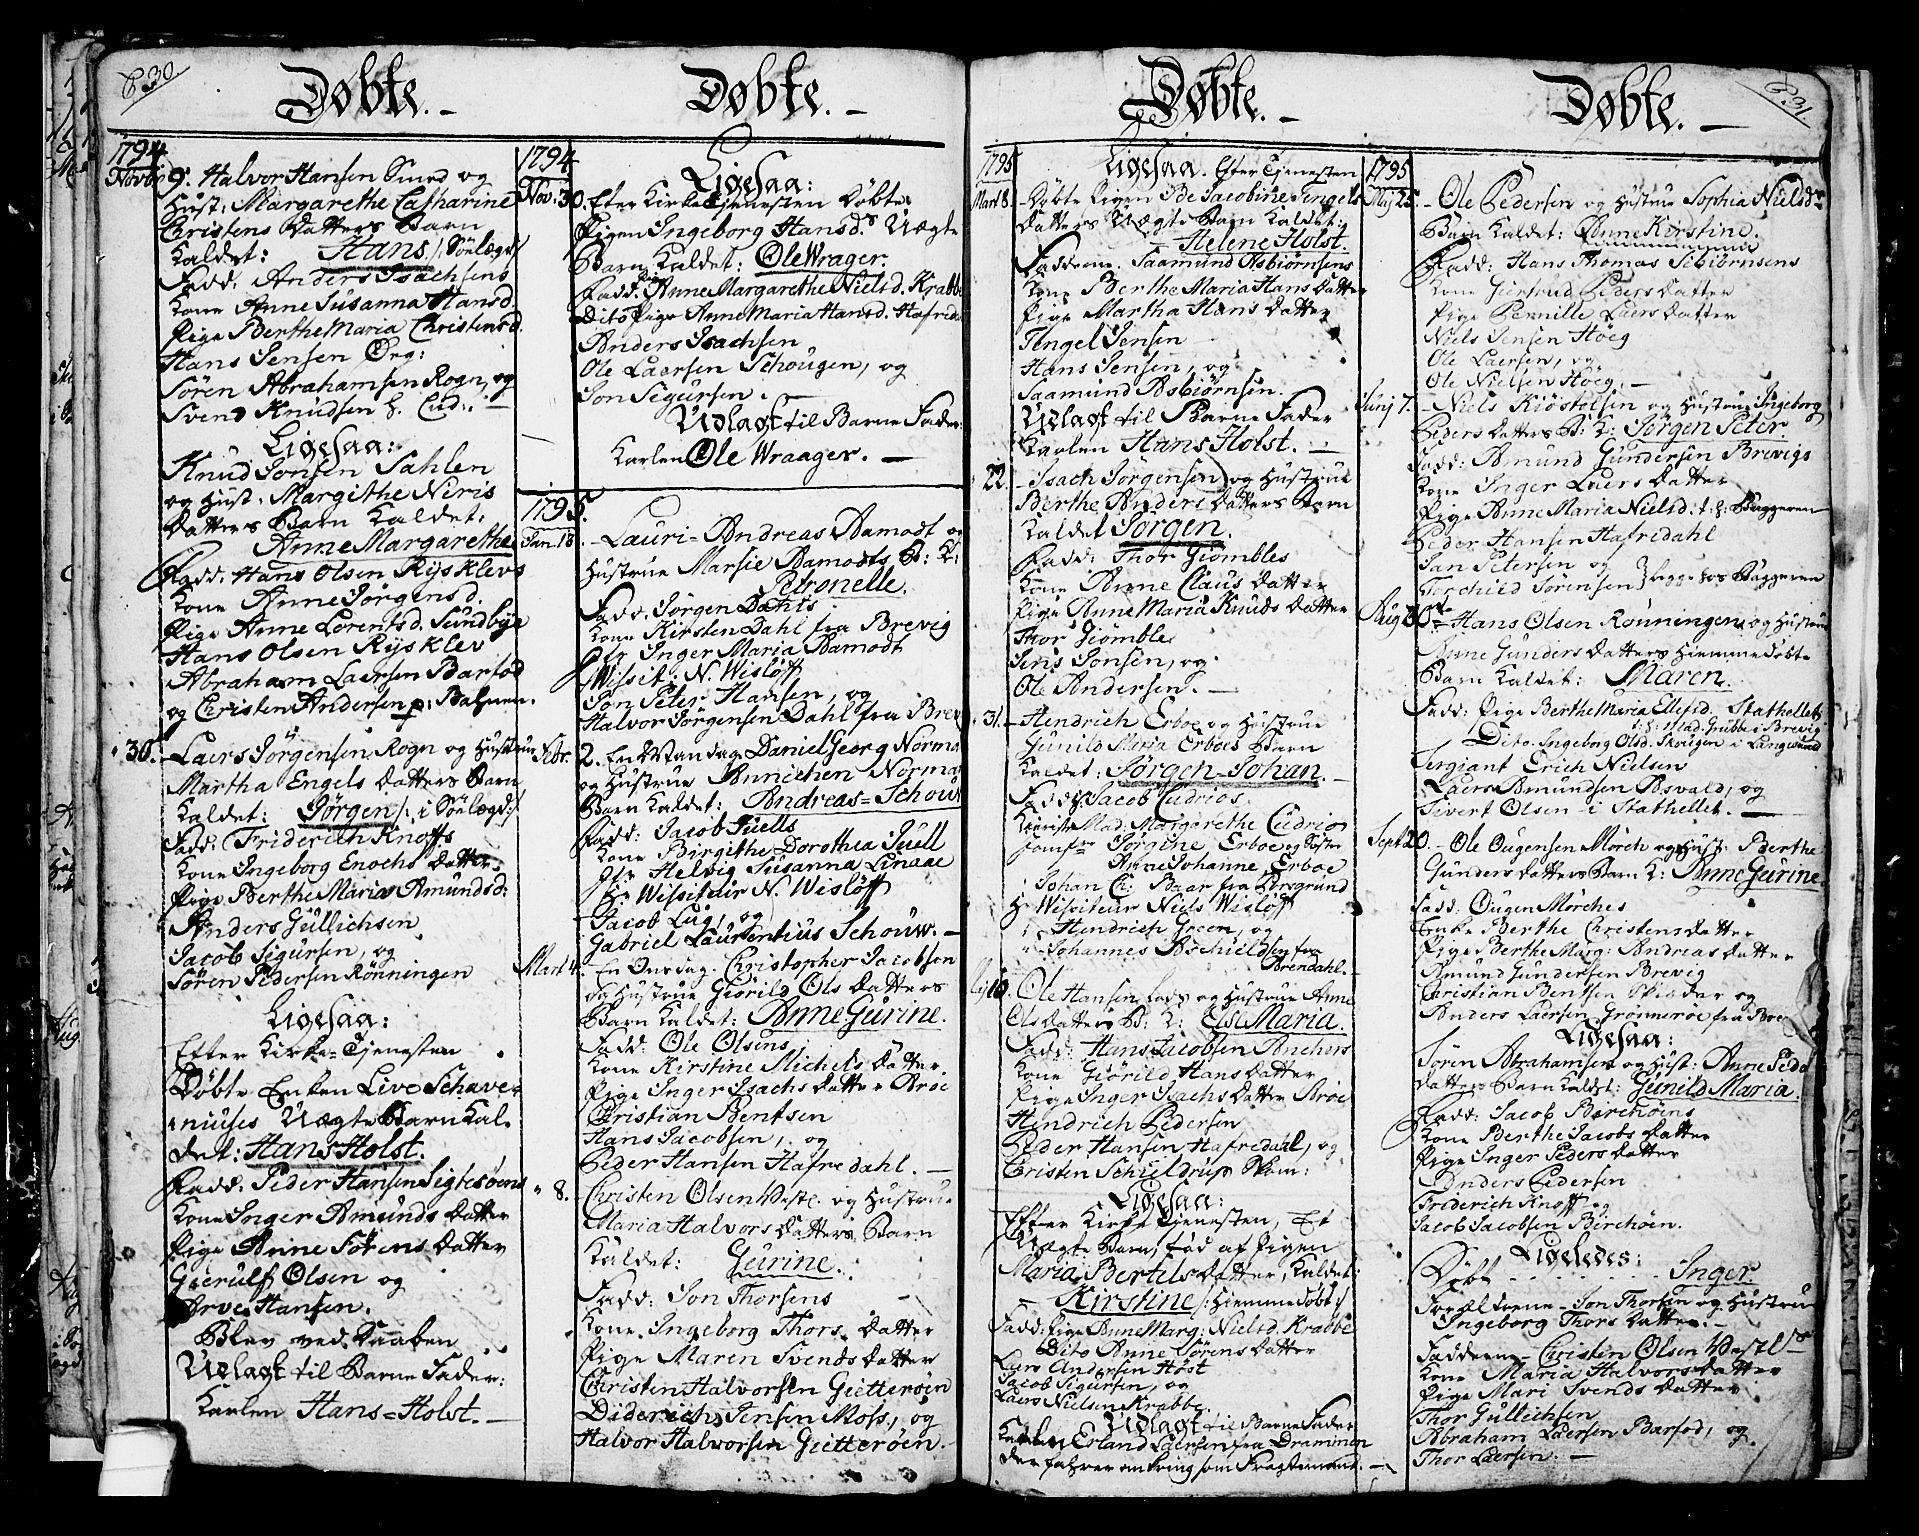 SAKO, Langesund kirkebøker, G/Ga/L0001: Klokkerbok nr. 1, 1783-1801, s. 30-31